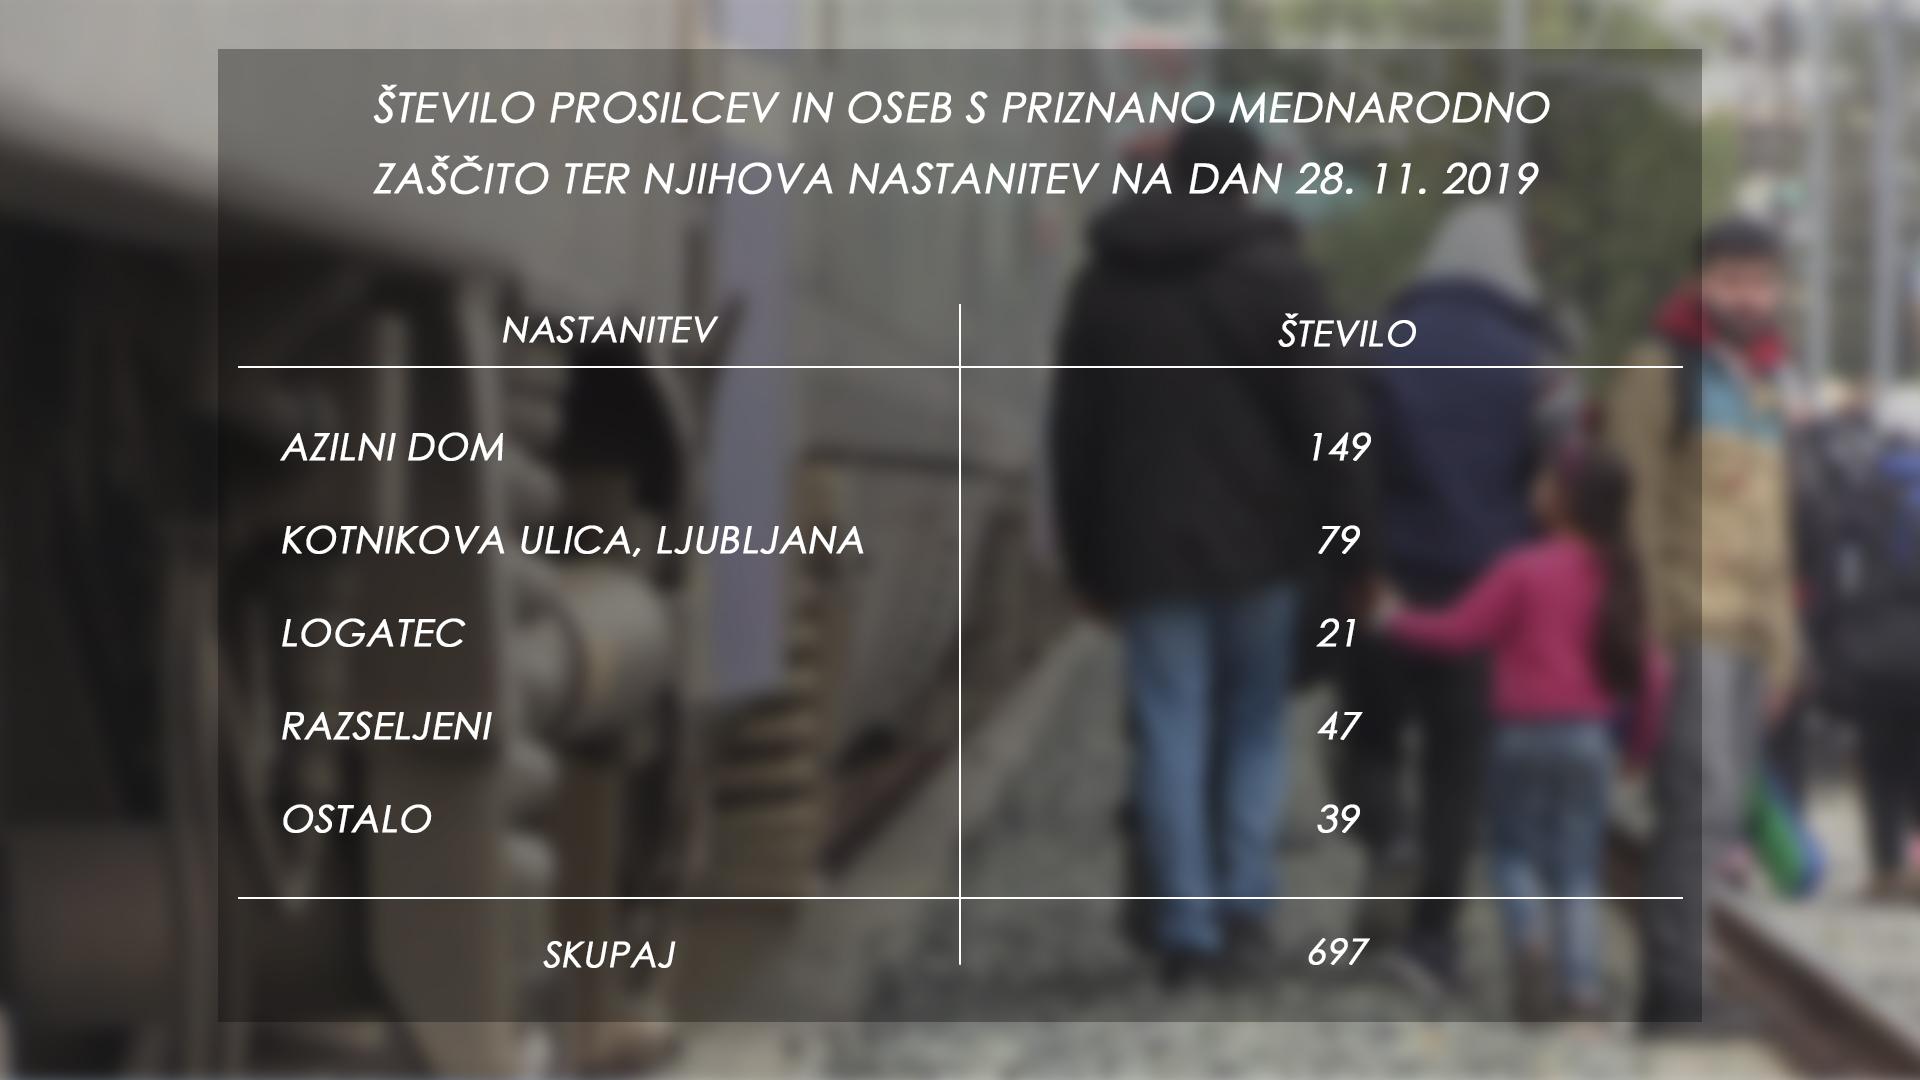 Število prosilcev in oseb s priznano mednarodno zaščito ter njihove nastanitev na dan 28.11.2019. (Foto: MNZ, Nova24tv)